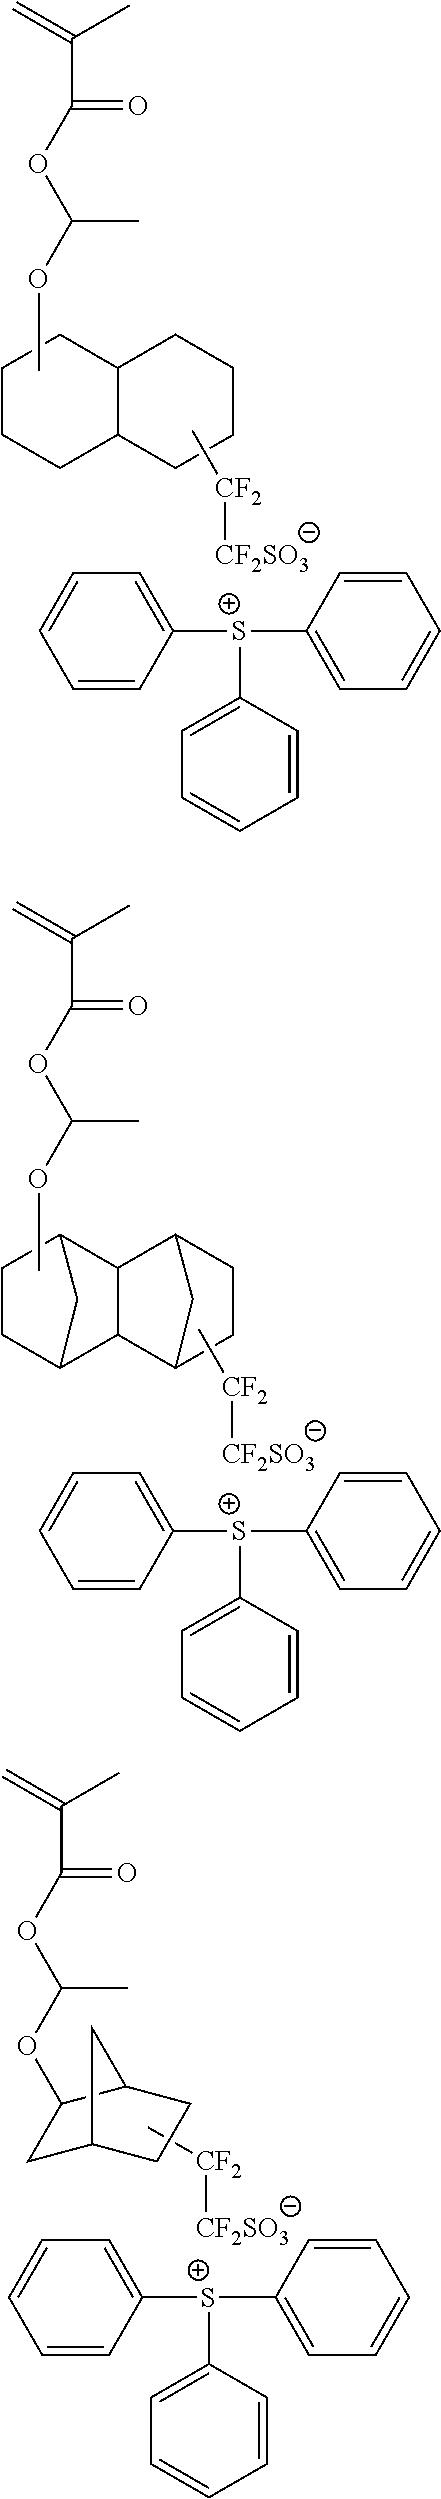 Figure US20110269074A1-20111103-C00005